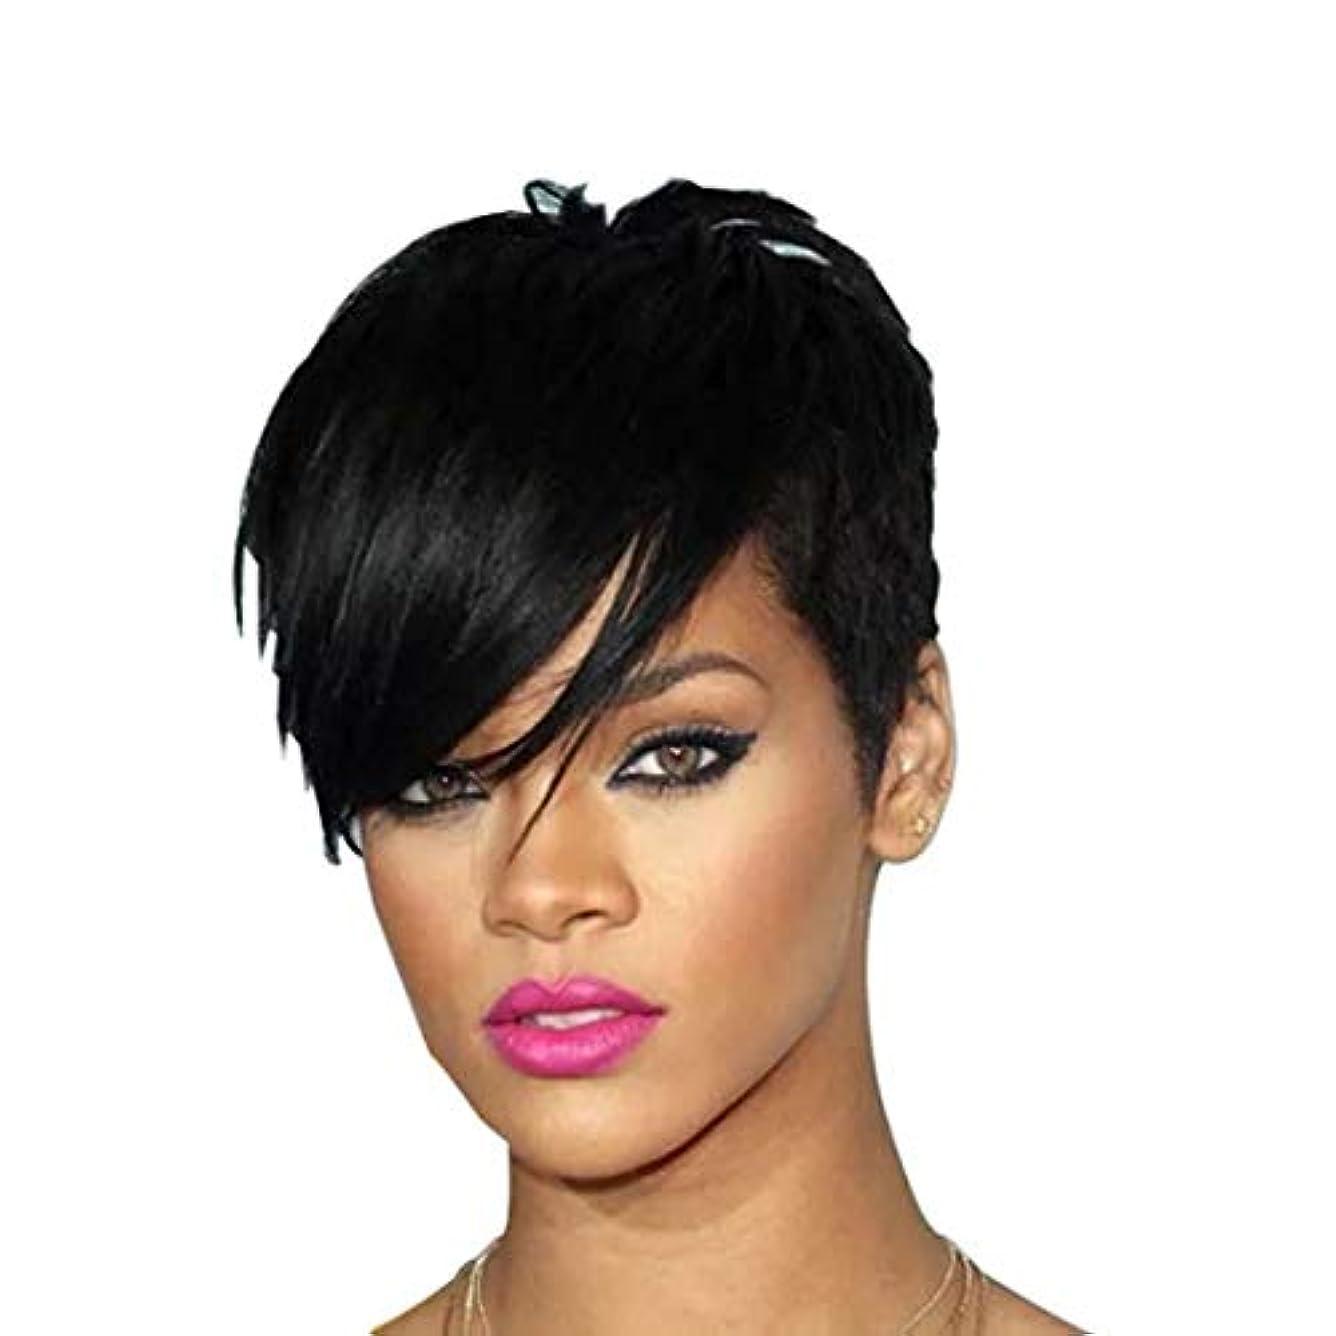 泥棒偽善者機構Kerwinner 女性の斜め前髪高温シルクウィッグヘッドギアで短いストレートヘアウィッグ